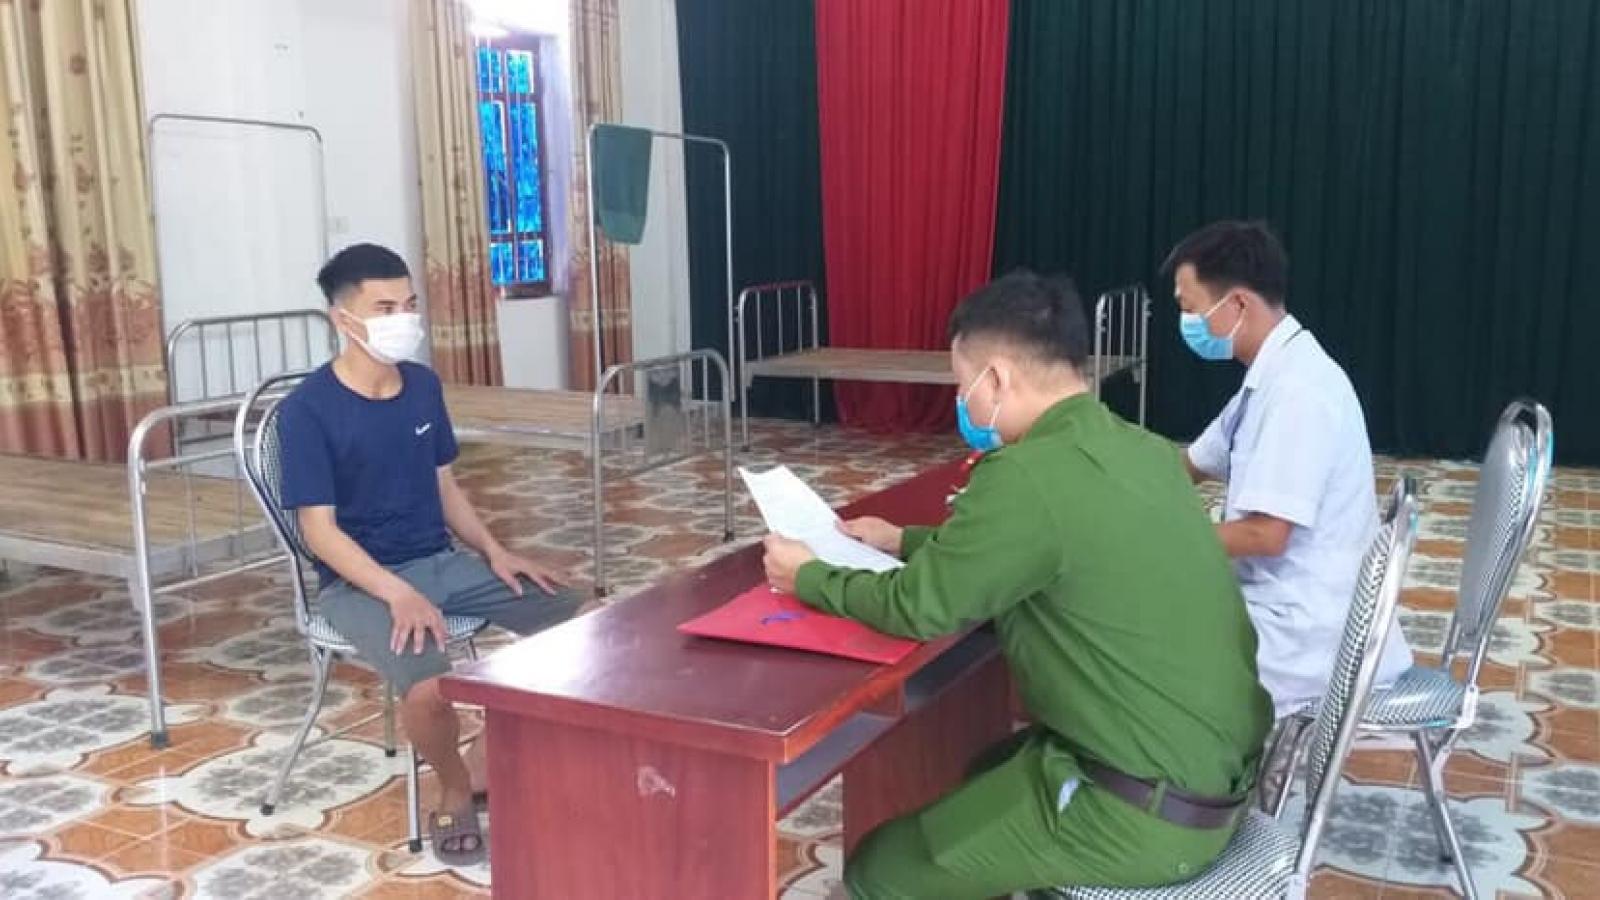 Phạt thanh niên bỏ trốn khỏi khu cách ly ở Nghệ An